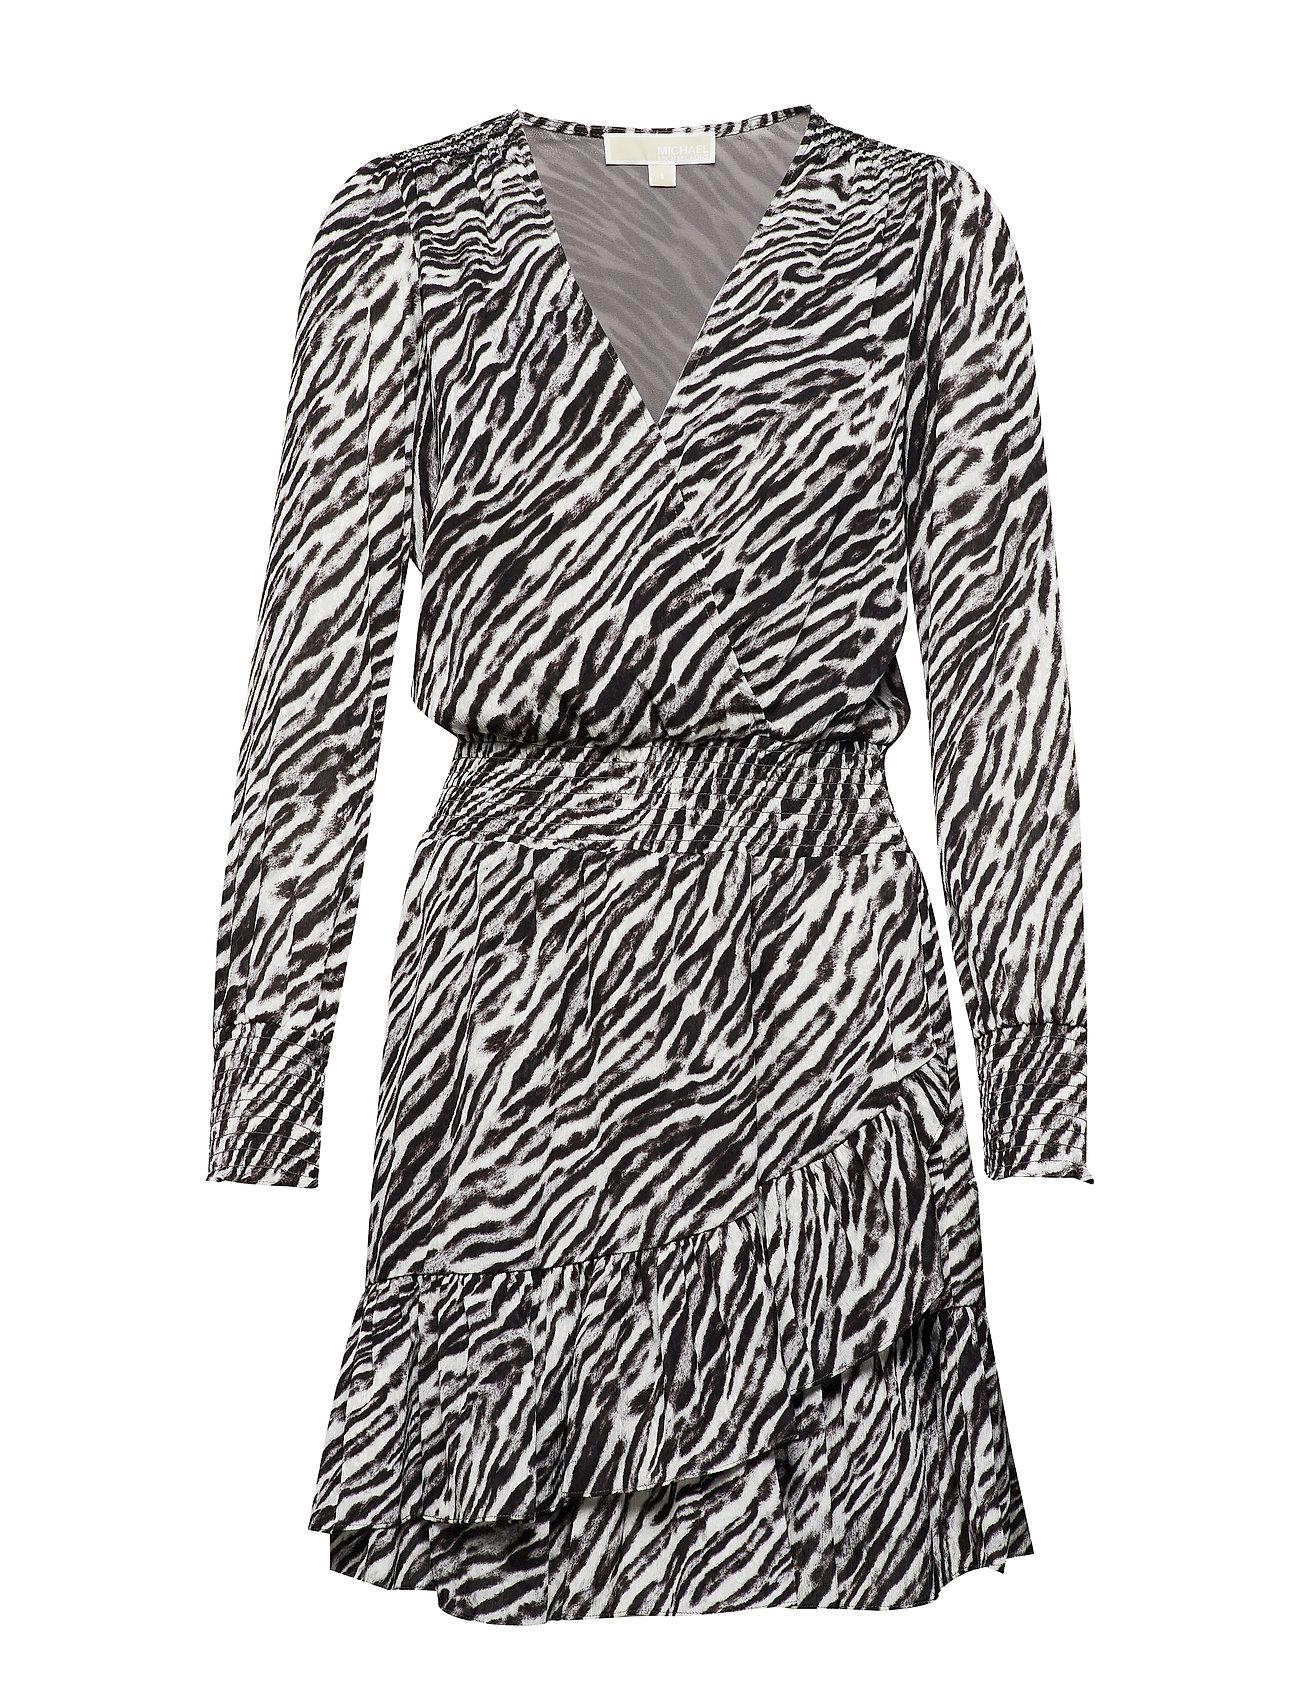 Michael Kors SAFARI RFL DRESS - GUNMETAL